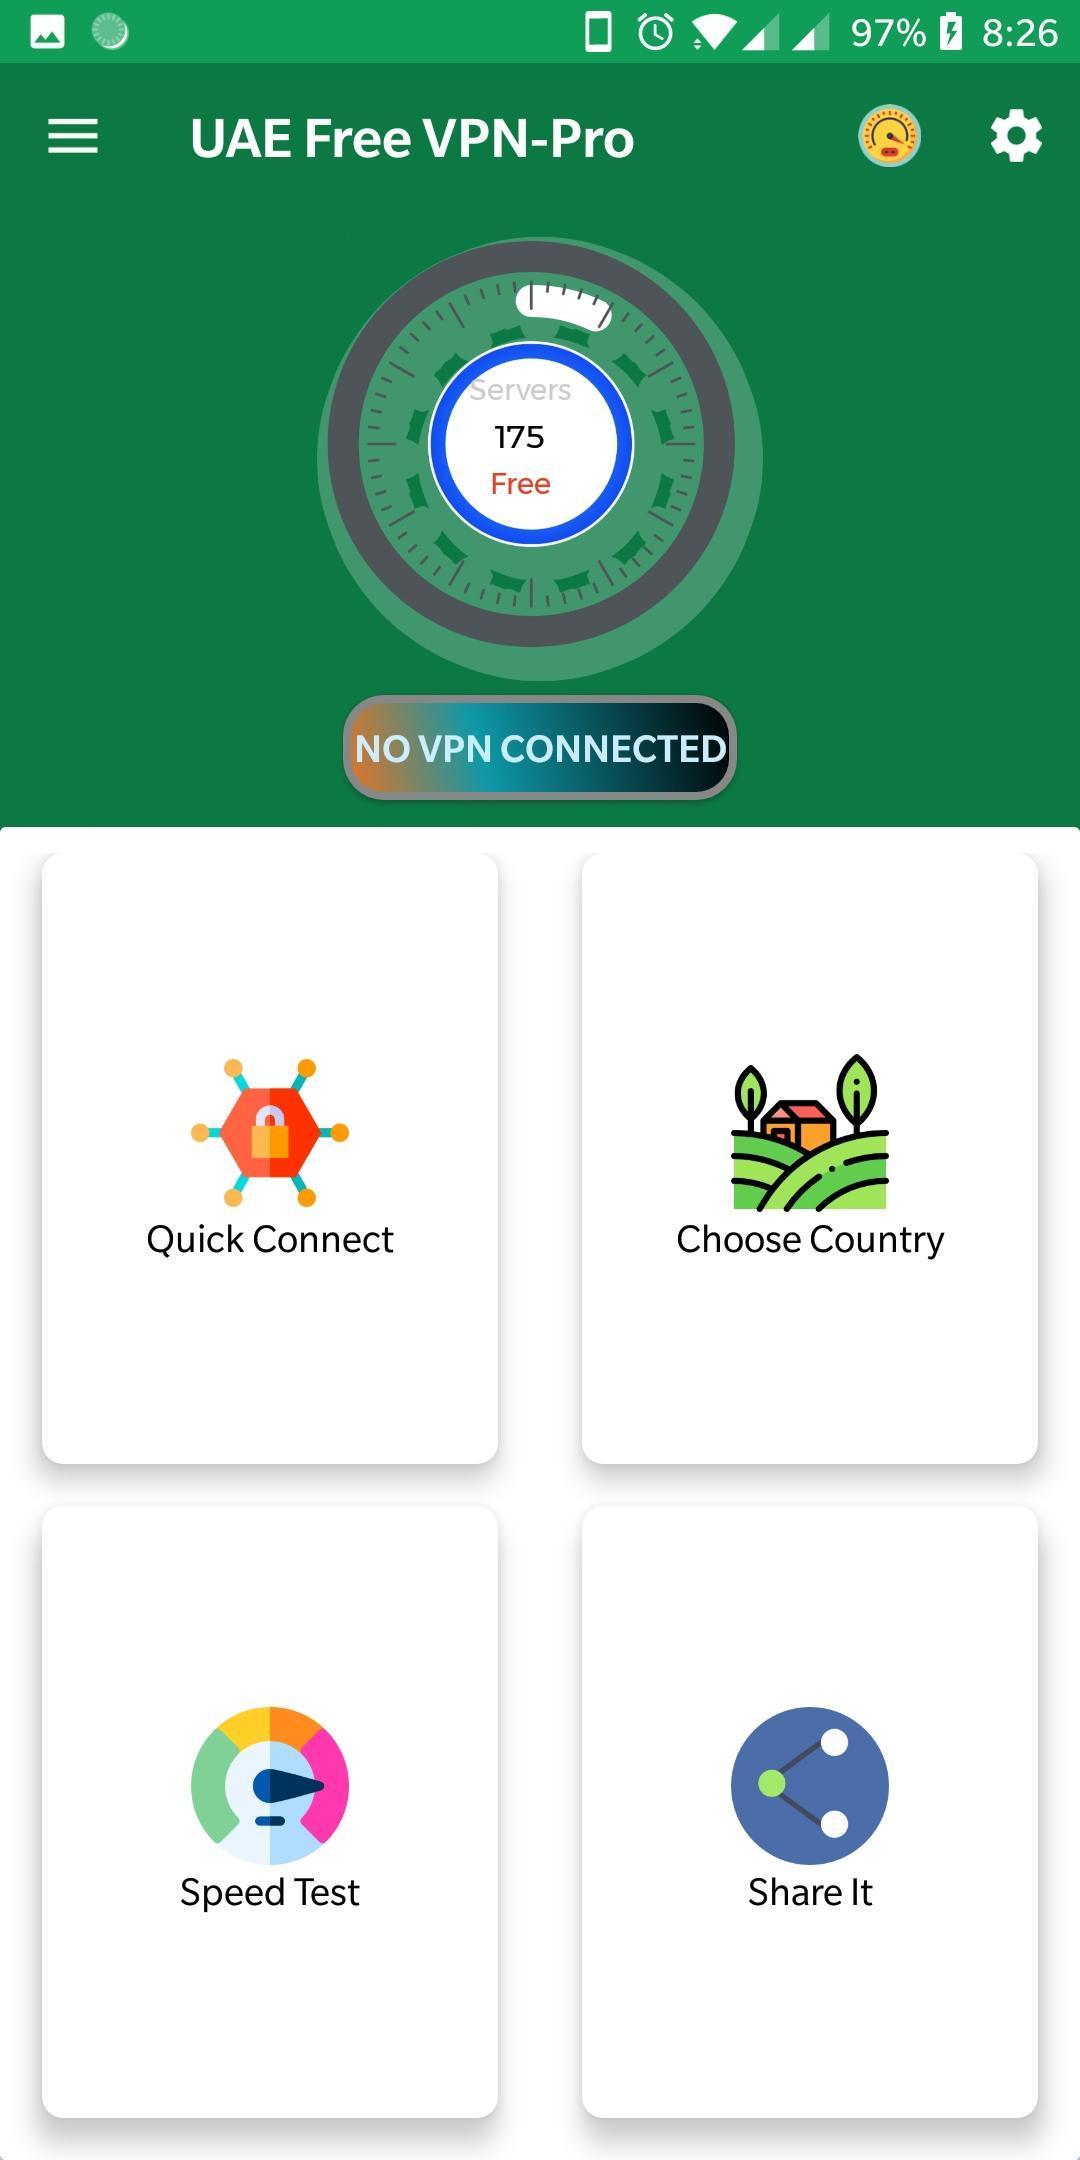 UAE Free VPN-Pro 1